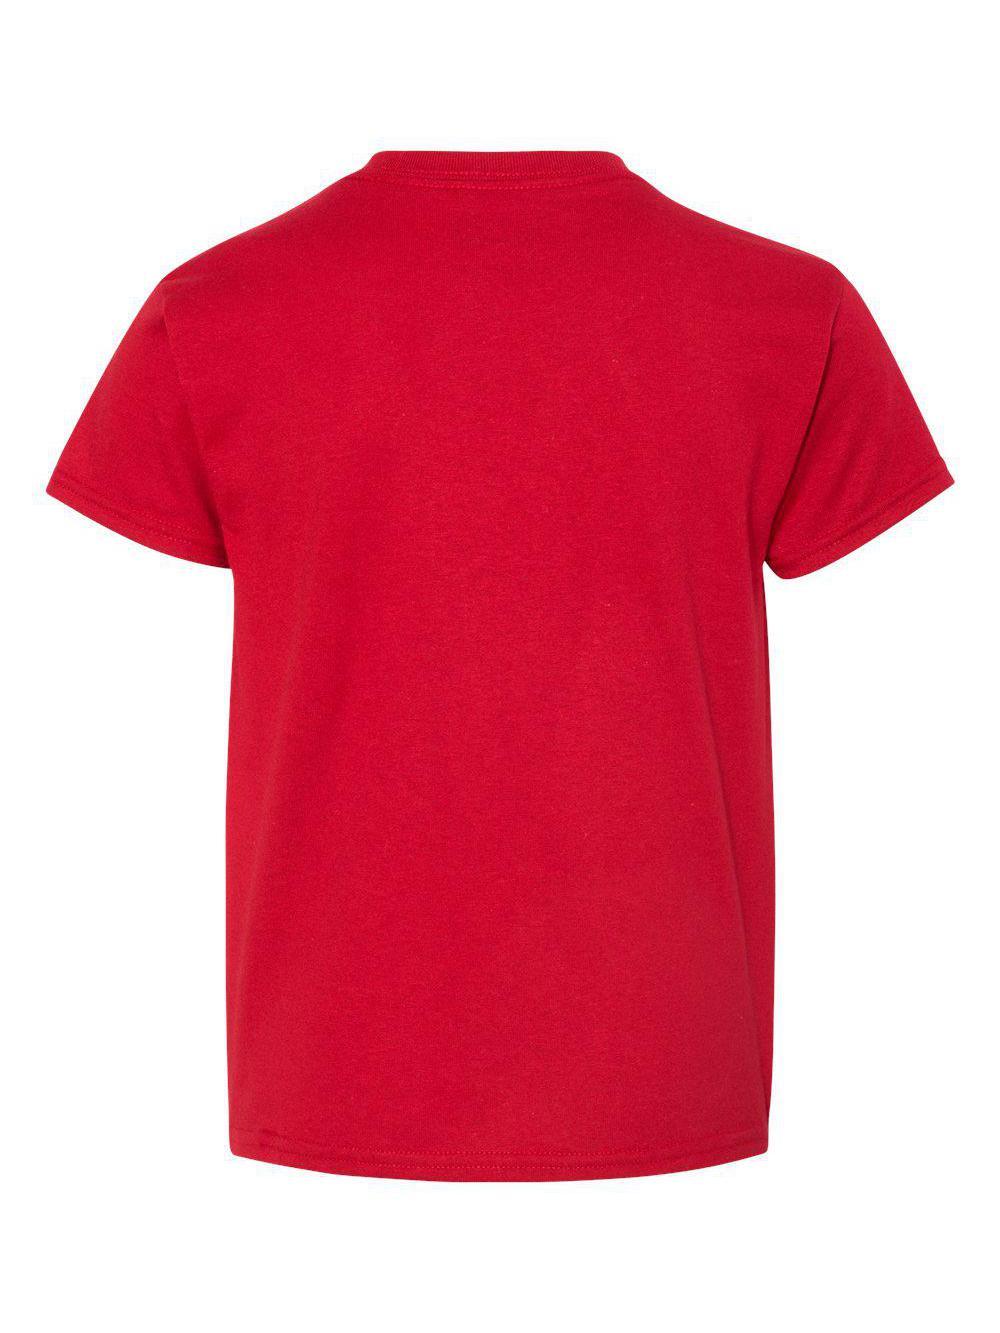 Gildan-DryBlend-Youth-50-50-T-Shirt-8000B thumbnail 106